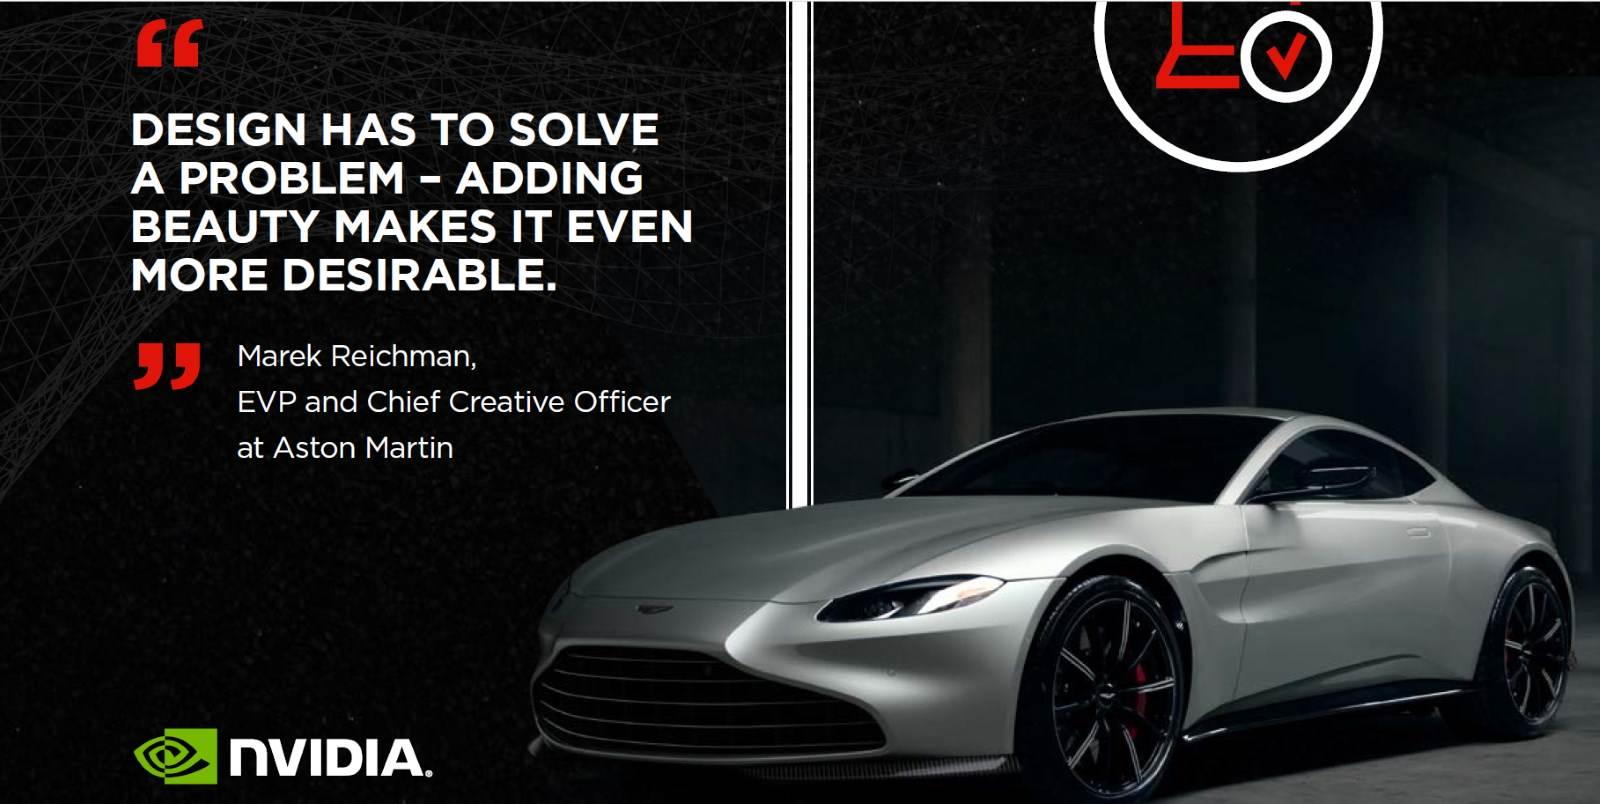 Aston Martin - Dizajn rešava problem, što lepši to poželjniji